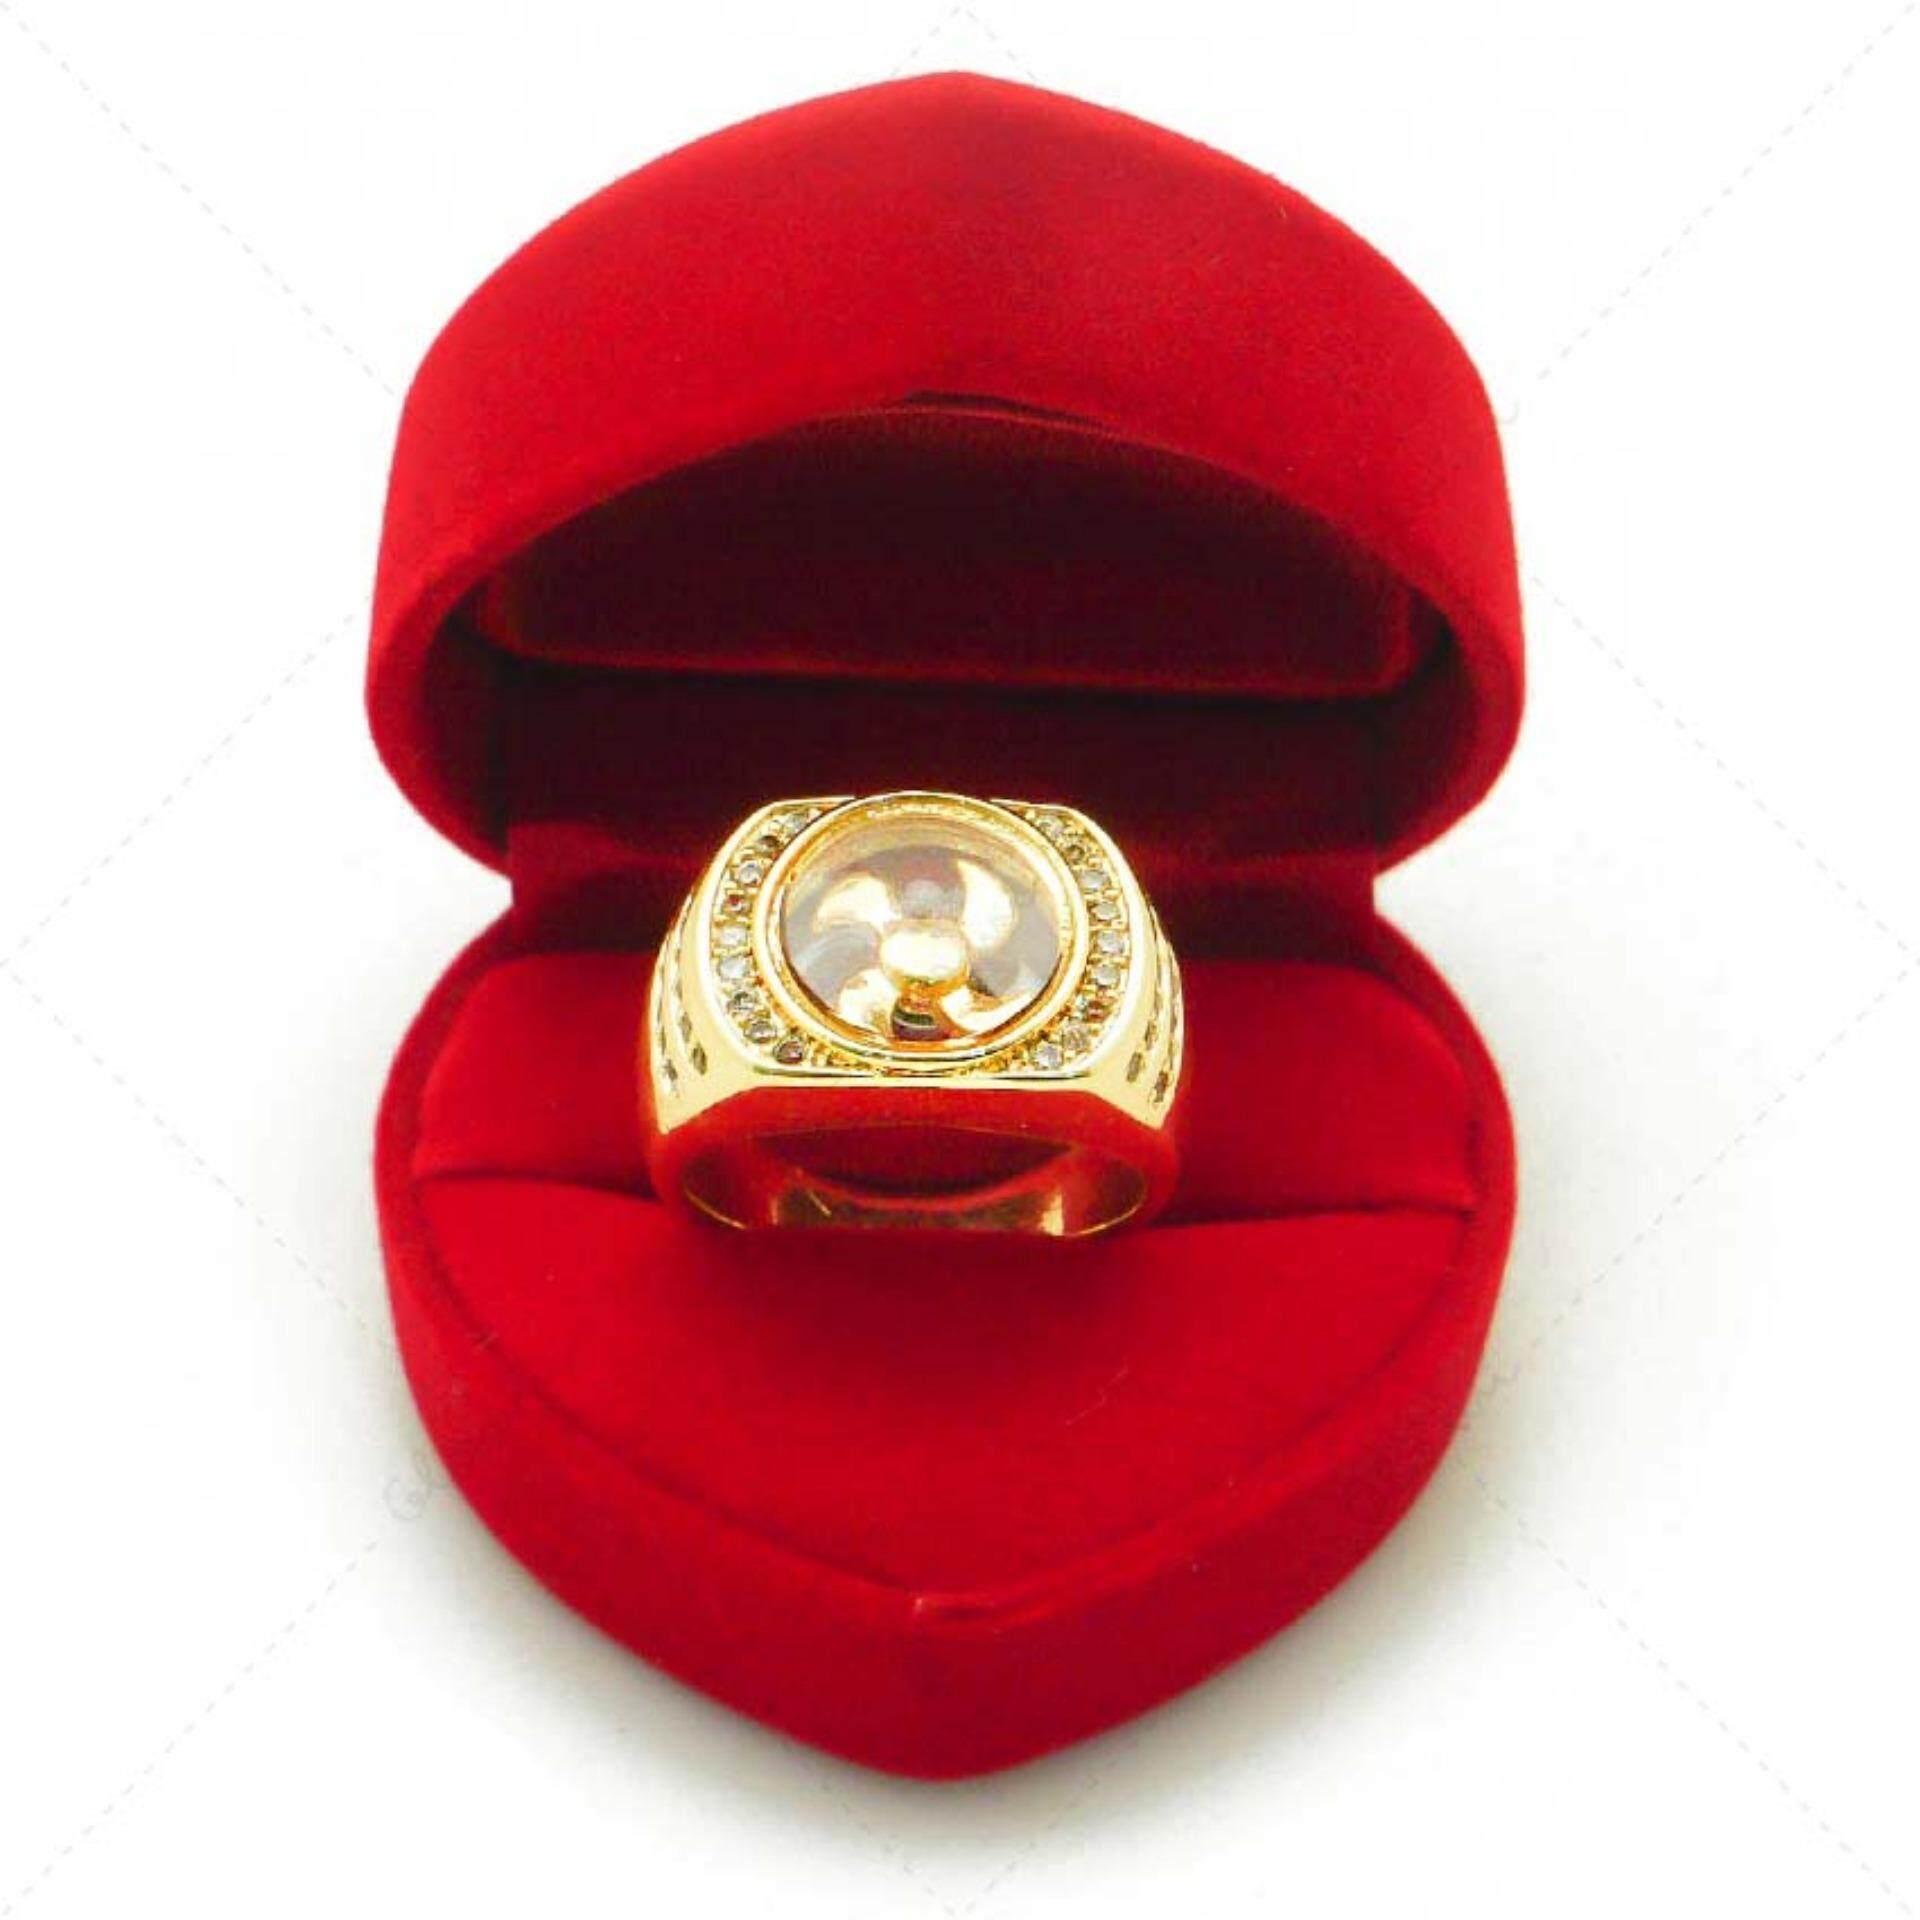 ขาย Bewi G แหวนผู้หญิง สไตล์ แหวนเสริมดวง Ring แหวนกังหัน นำโชค แชกงหมิว กังหันหมุนได้ ประดับเพชร Cz ชุบทอง เหมือนทองแท้ หรูหรา รุ่น Bg R0032 สีทอง Gold Bewi G เป็นต้นฉบับ